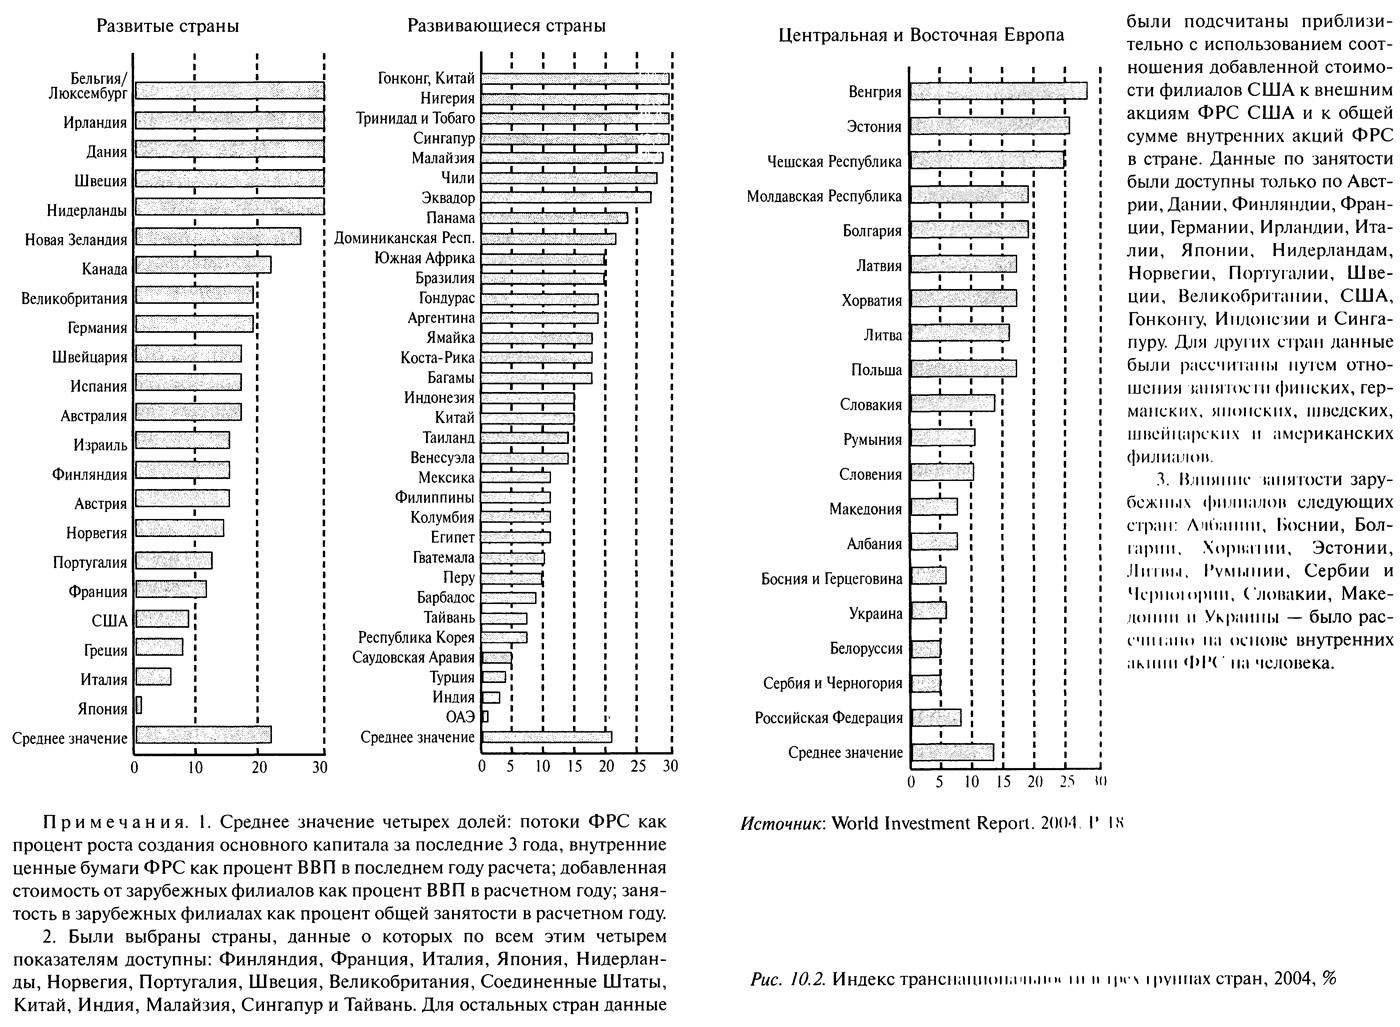 Рис. 10.2. Индекс транснациональности в трех группах стран